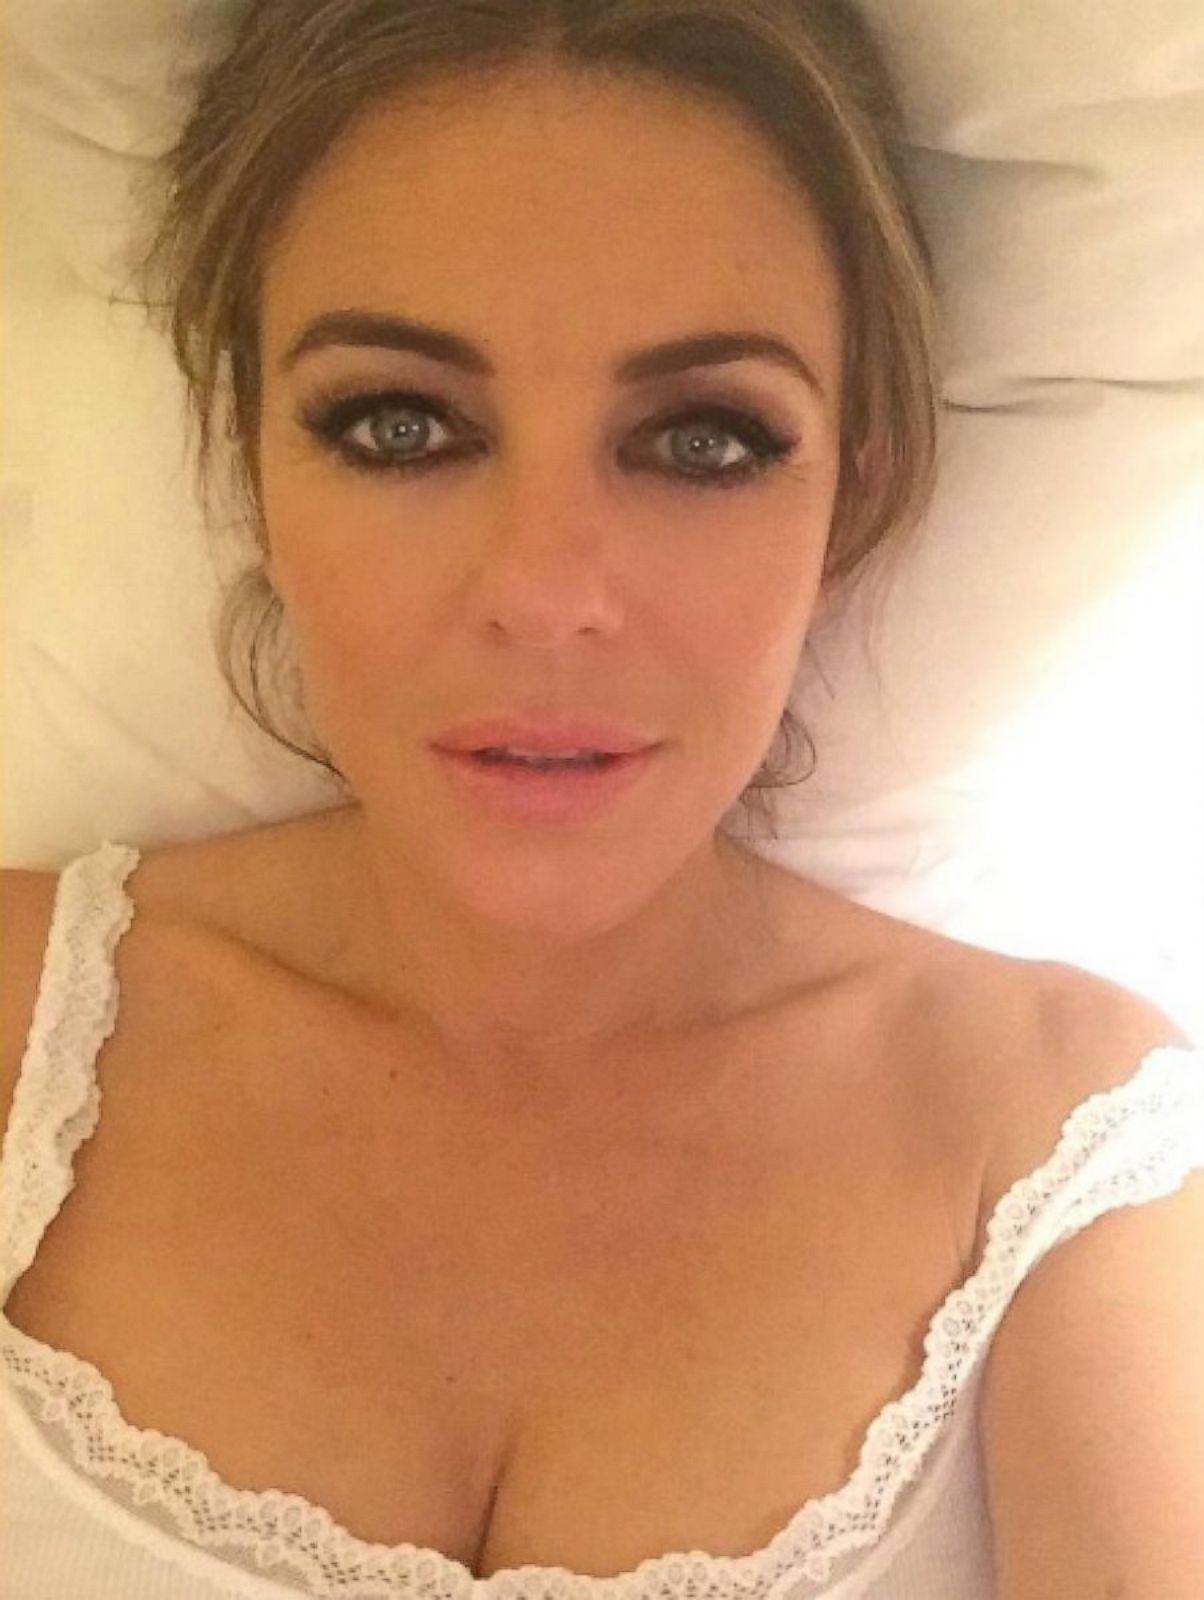 Selfie Elizabeth Anne nudes (21 photos), Tits, Hot, Twitter, lingerie 2017